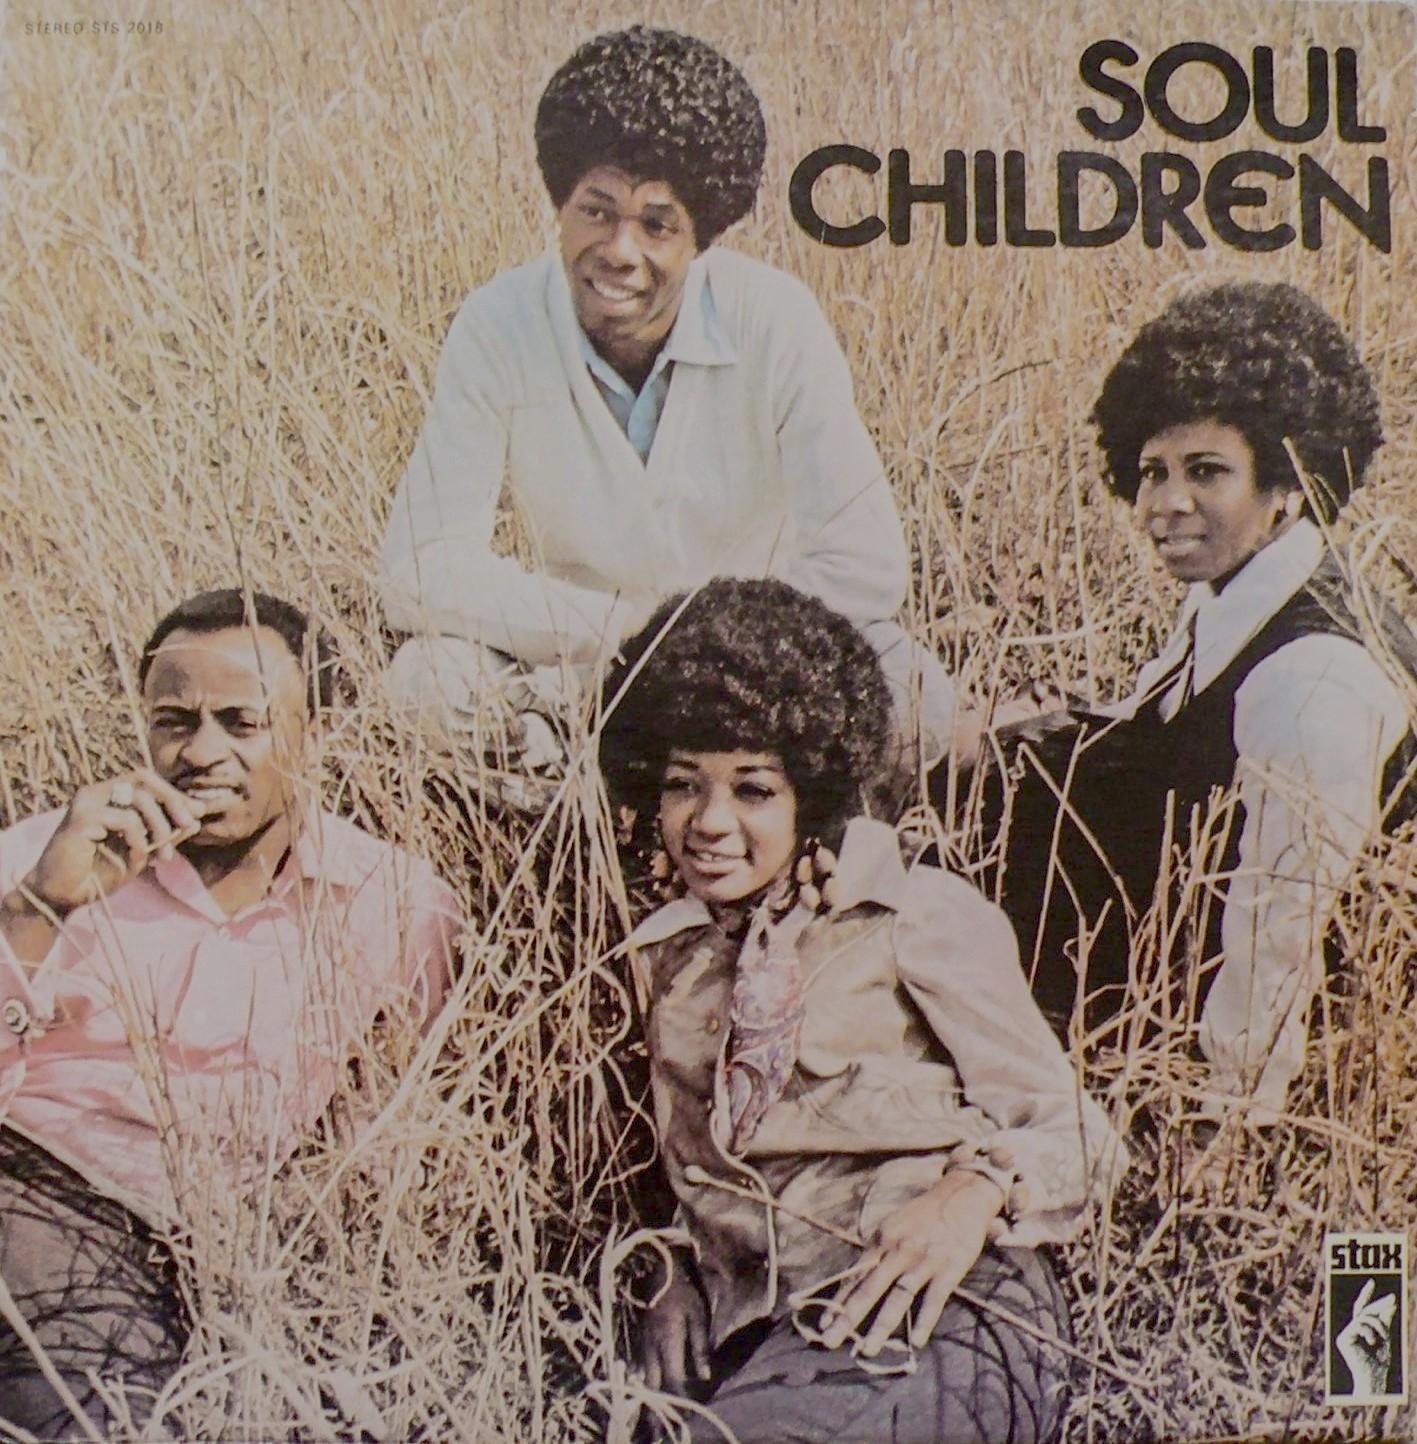 Soul Children front